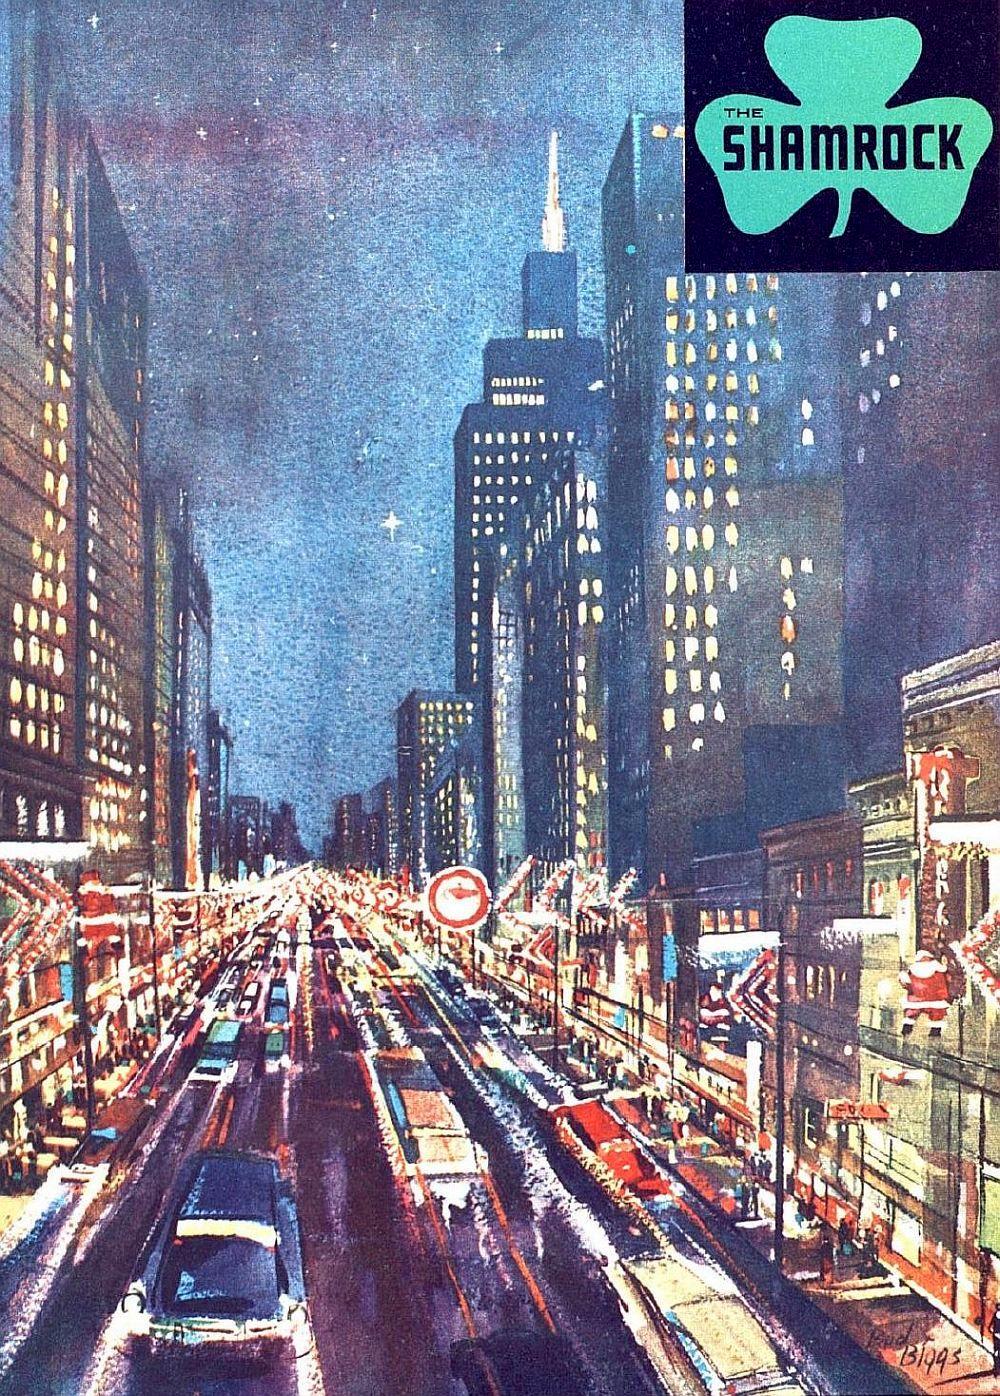 xmas_bud-biggs_shamrock-mag_1959_texas-tech